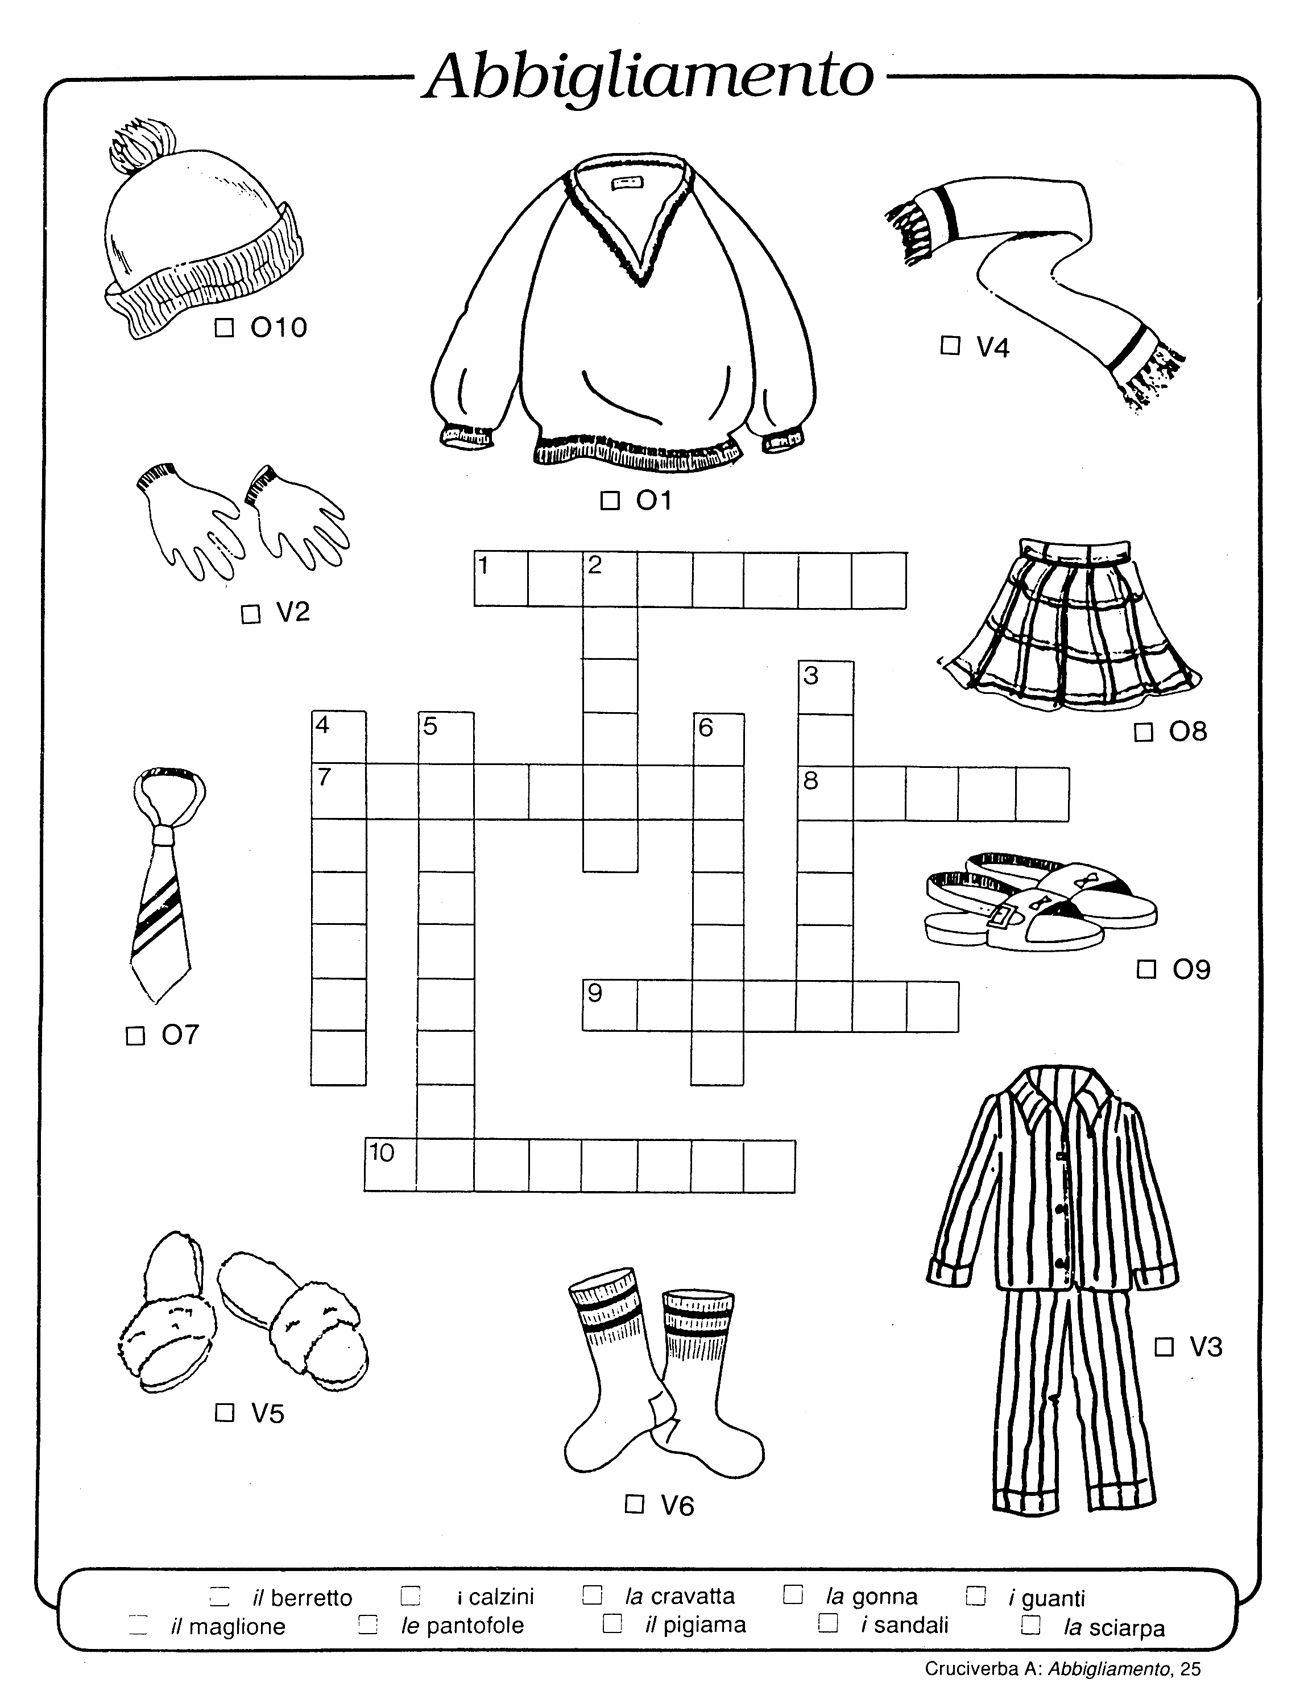 Abbigliamento italiano pinterest learning italian for Cruciverba da stampare facili